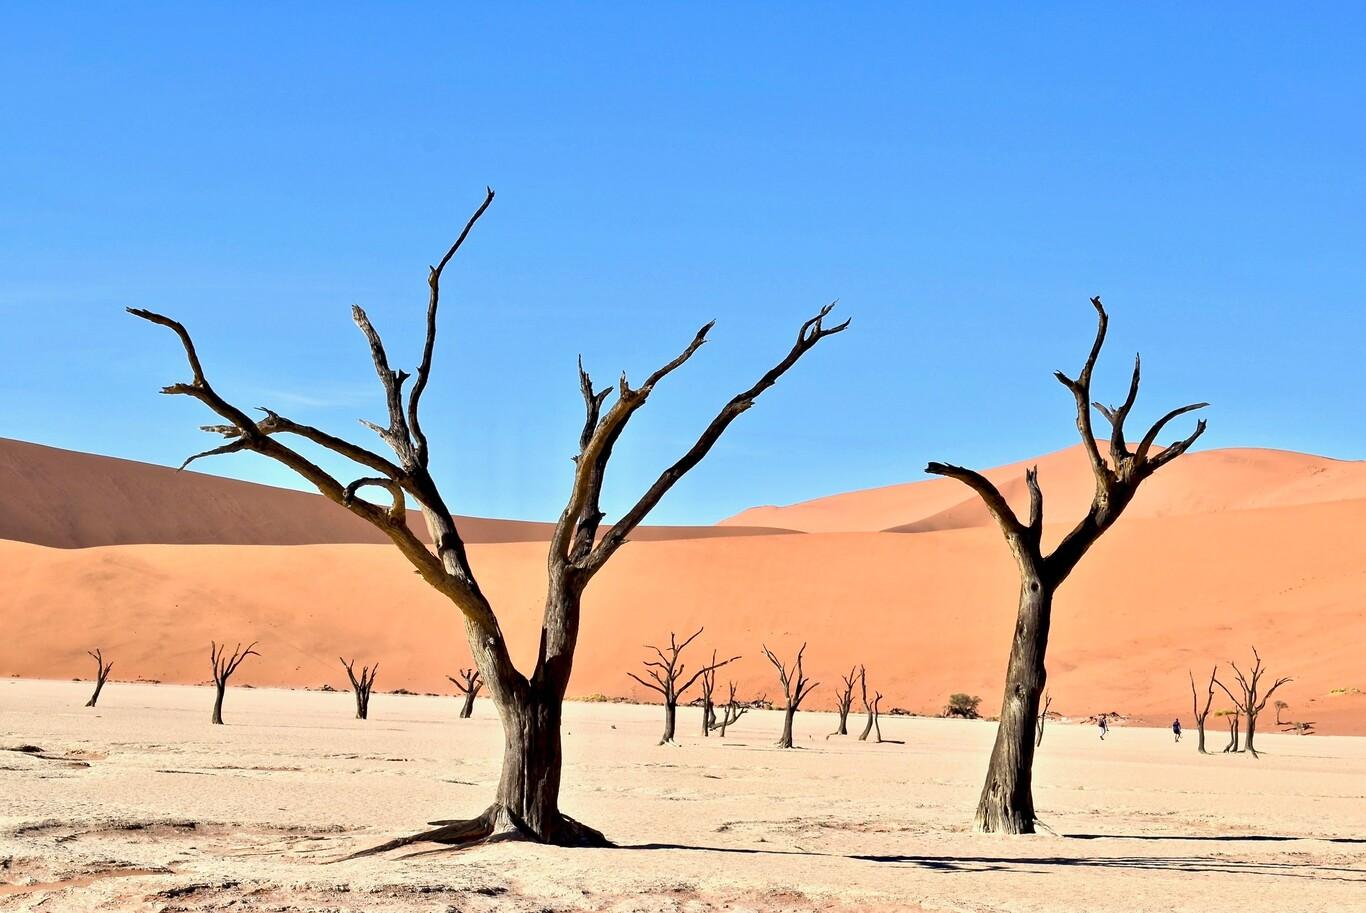 El sueño de extraer agua en el desierto con la única ayuda del sol empieza a convertirse en tecnología útil y accesible (Xataka)